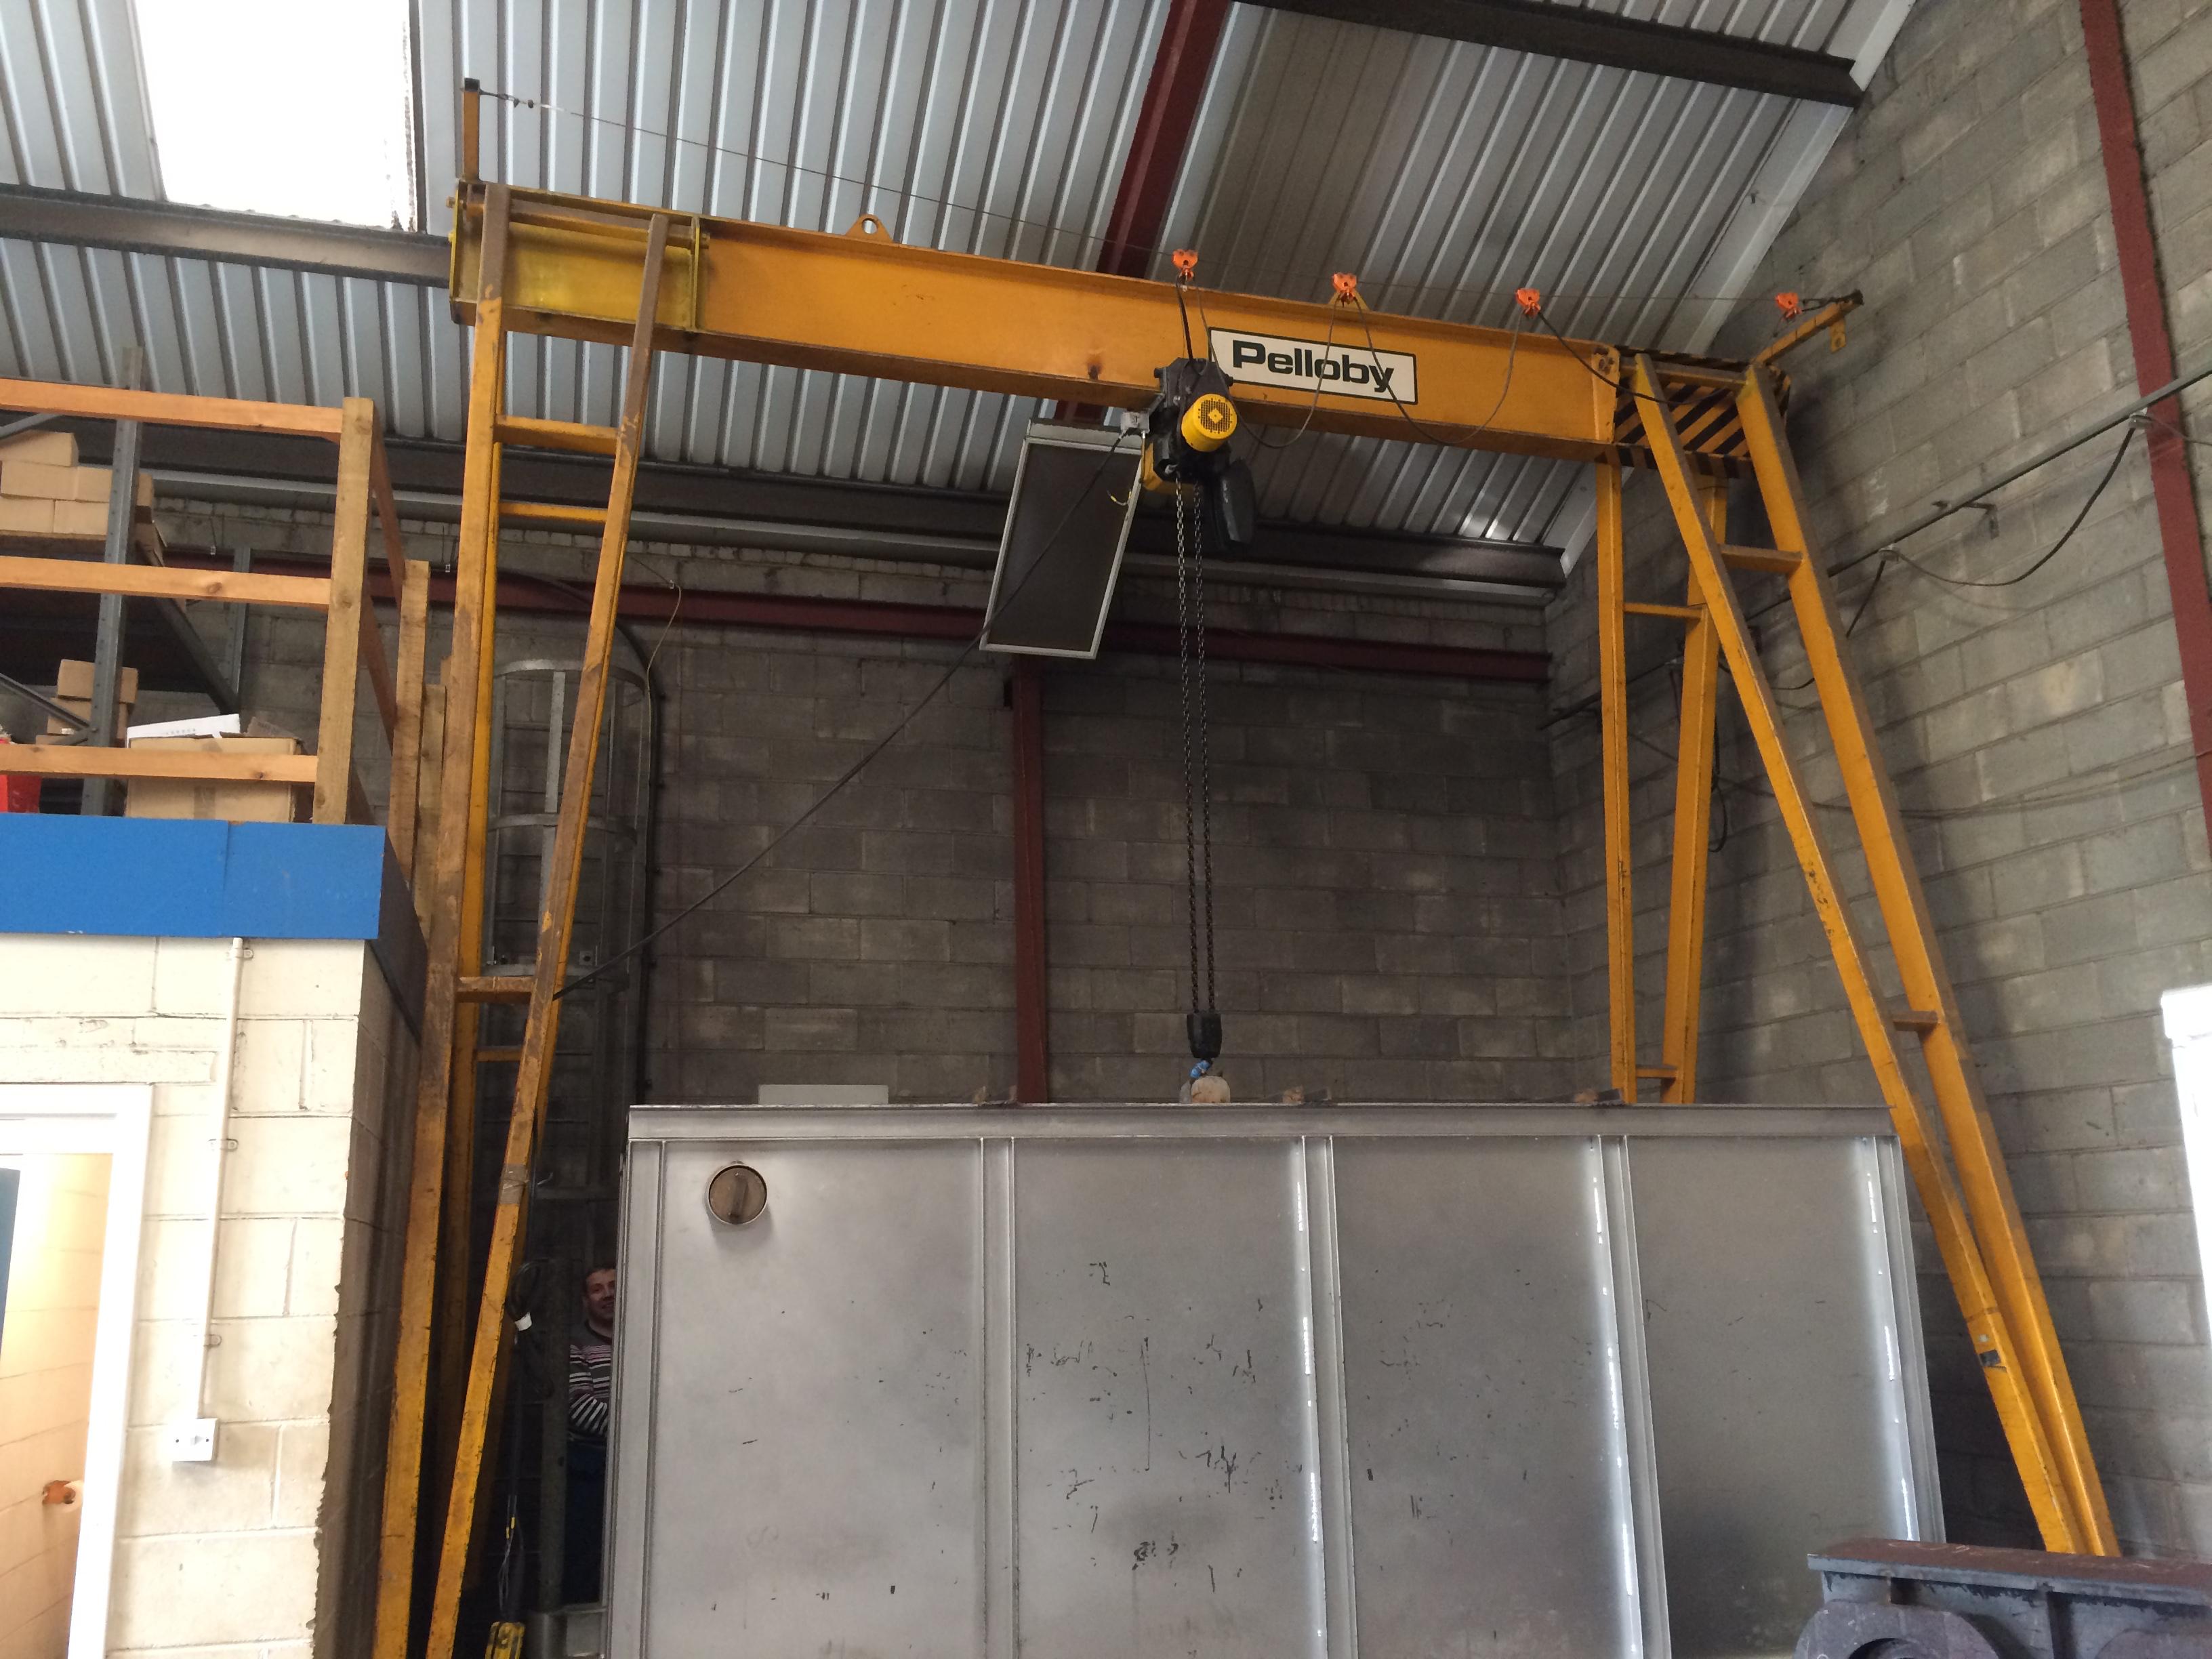 Mobile Gantry Crane Uk : Pelloby morris a frame mobile gantry buy used cranes